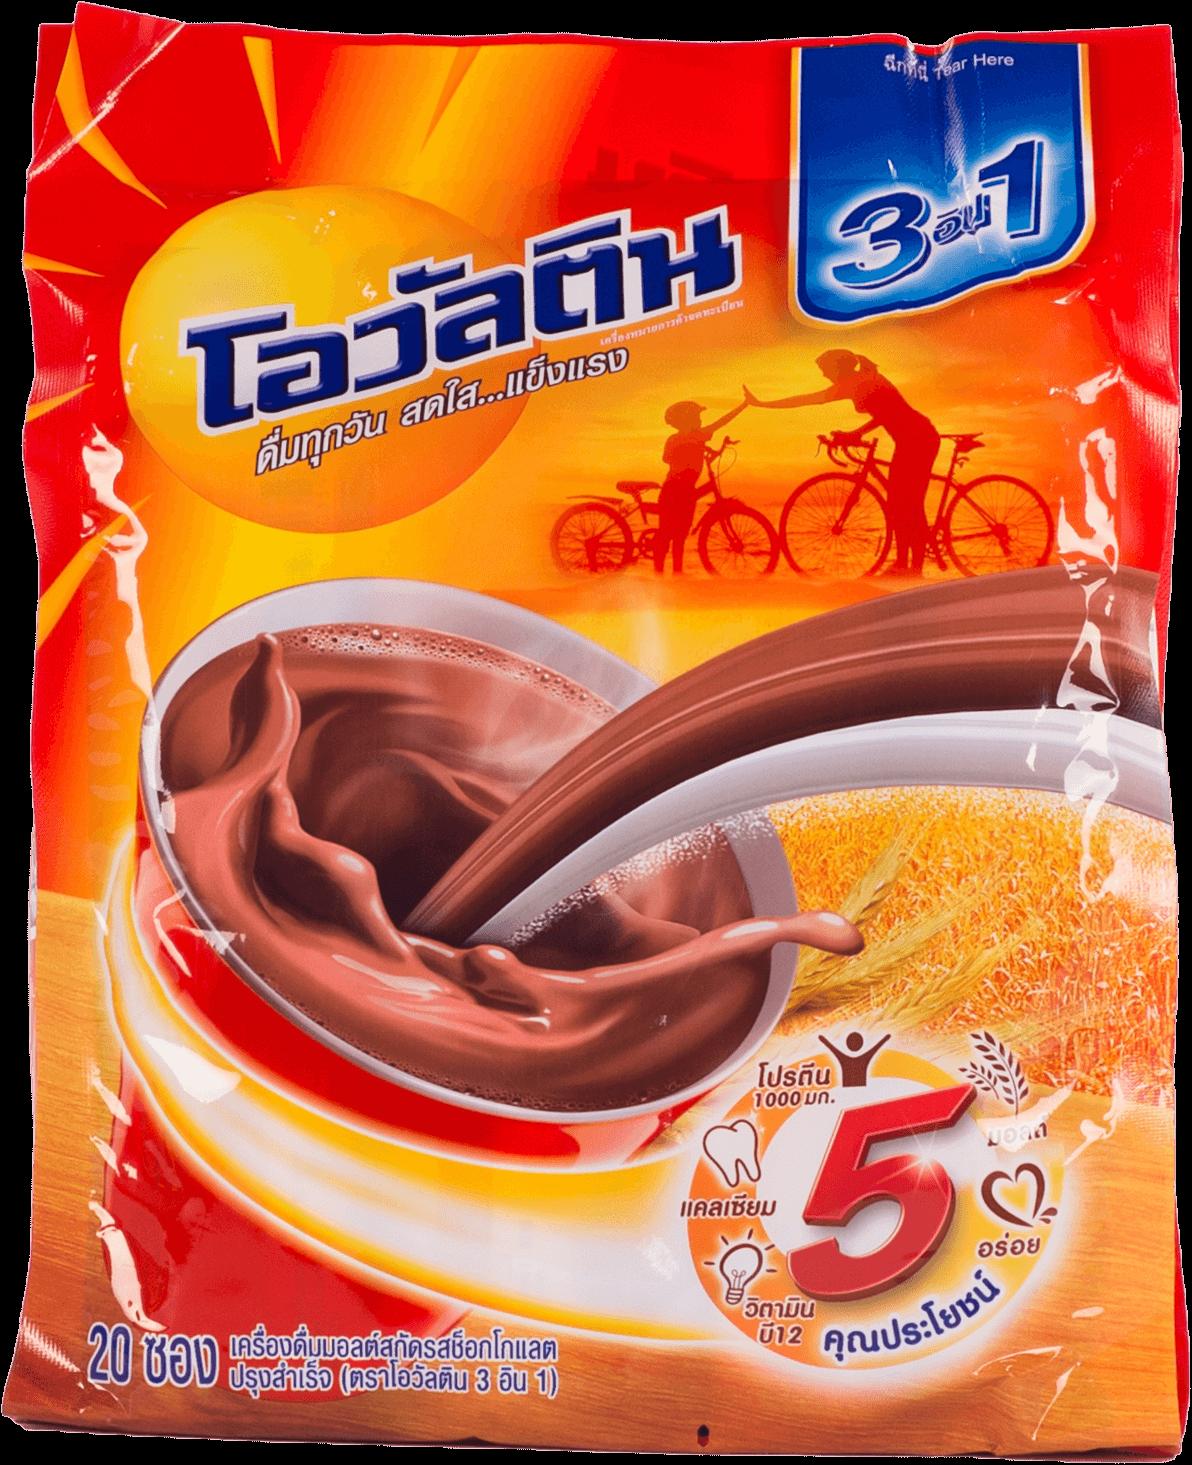 เครื่องดื่มมอลต์รสช็อกโกแลต โอวัลติน สูตรผสมนมโค 3in1